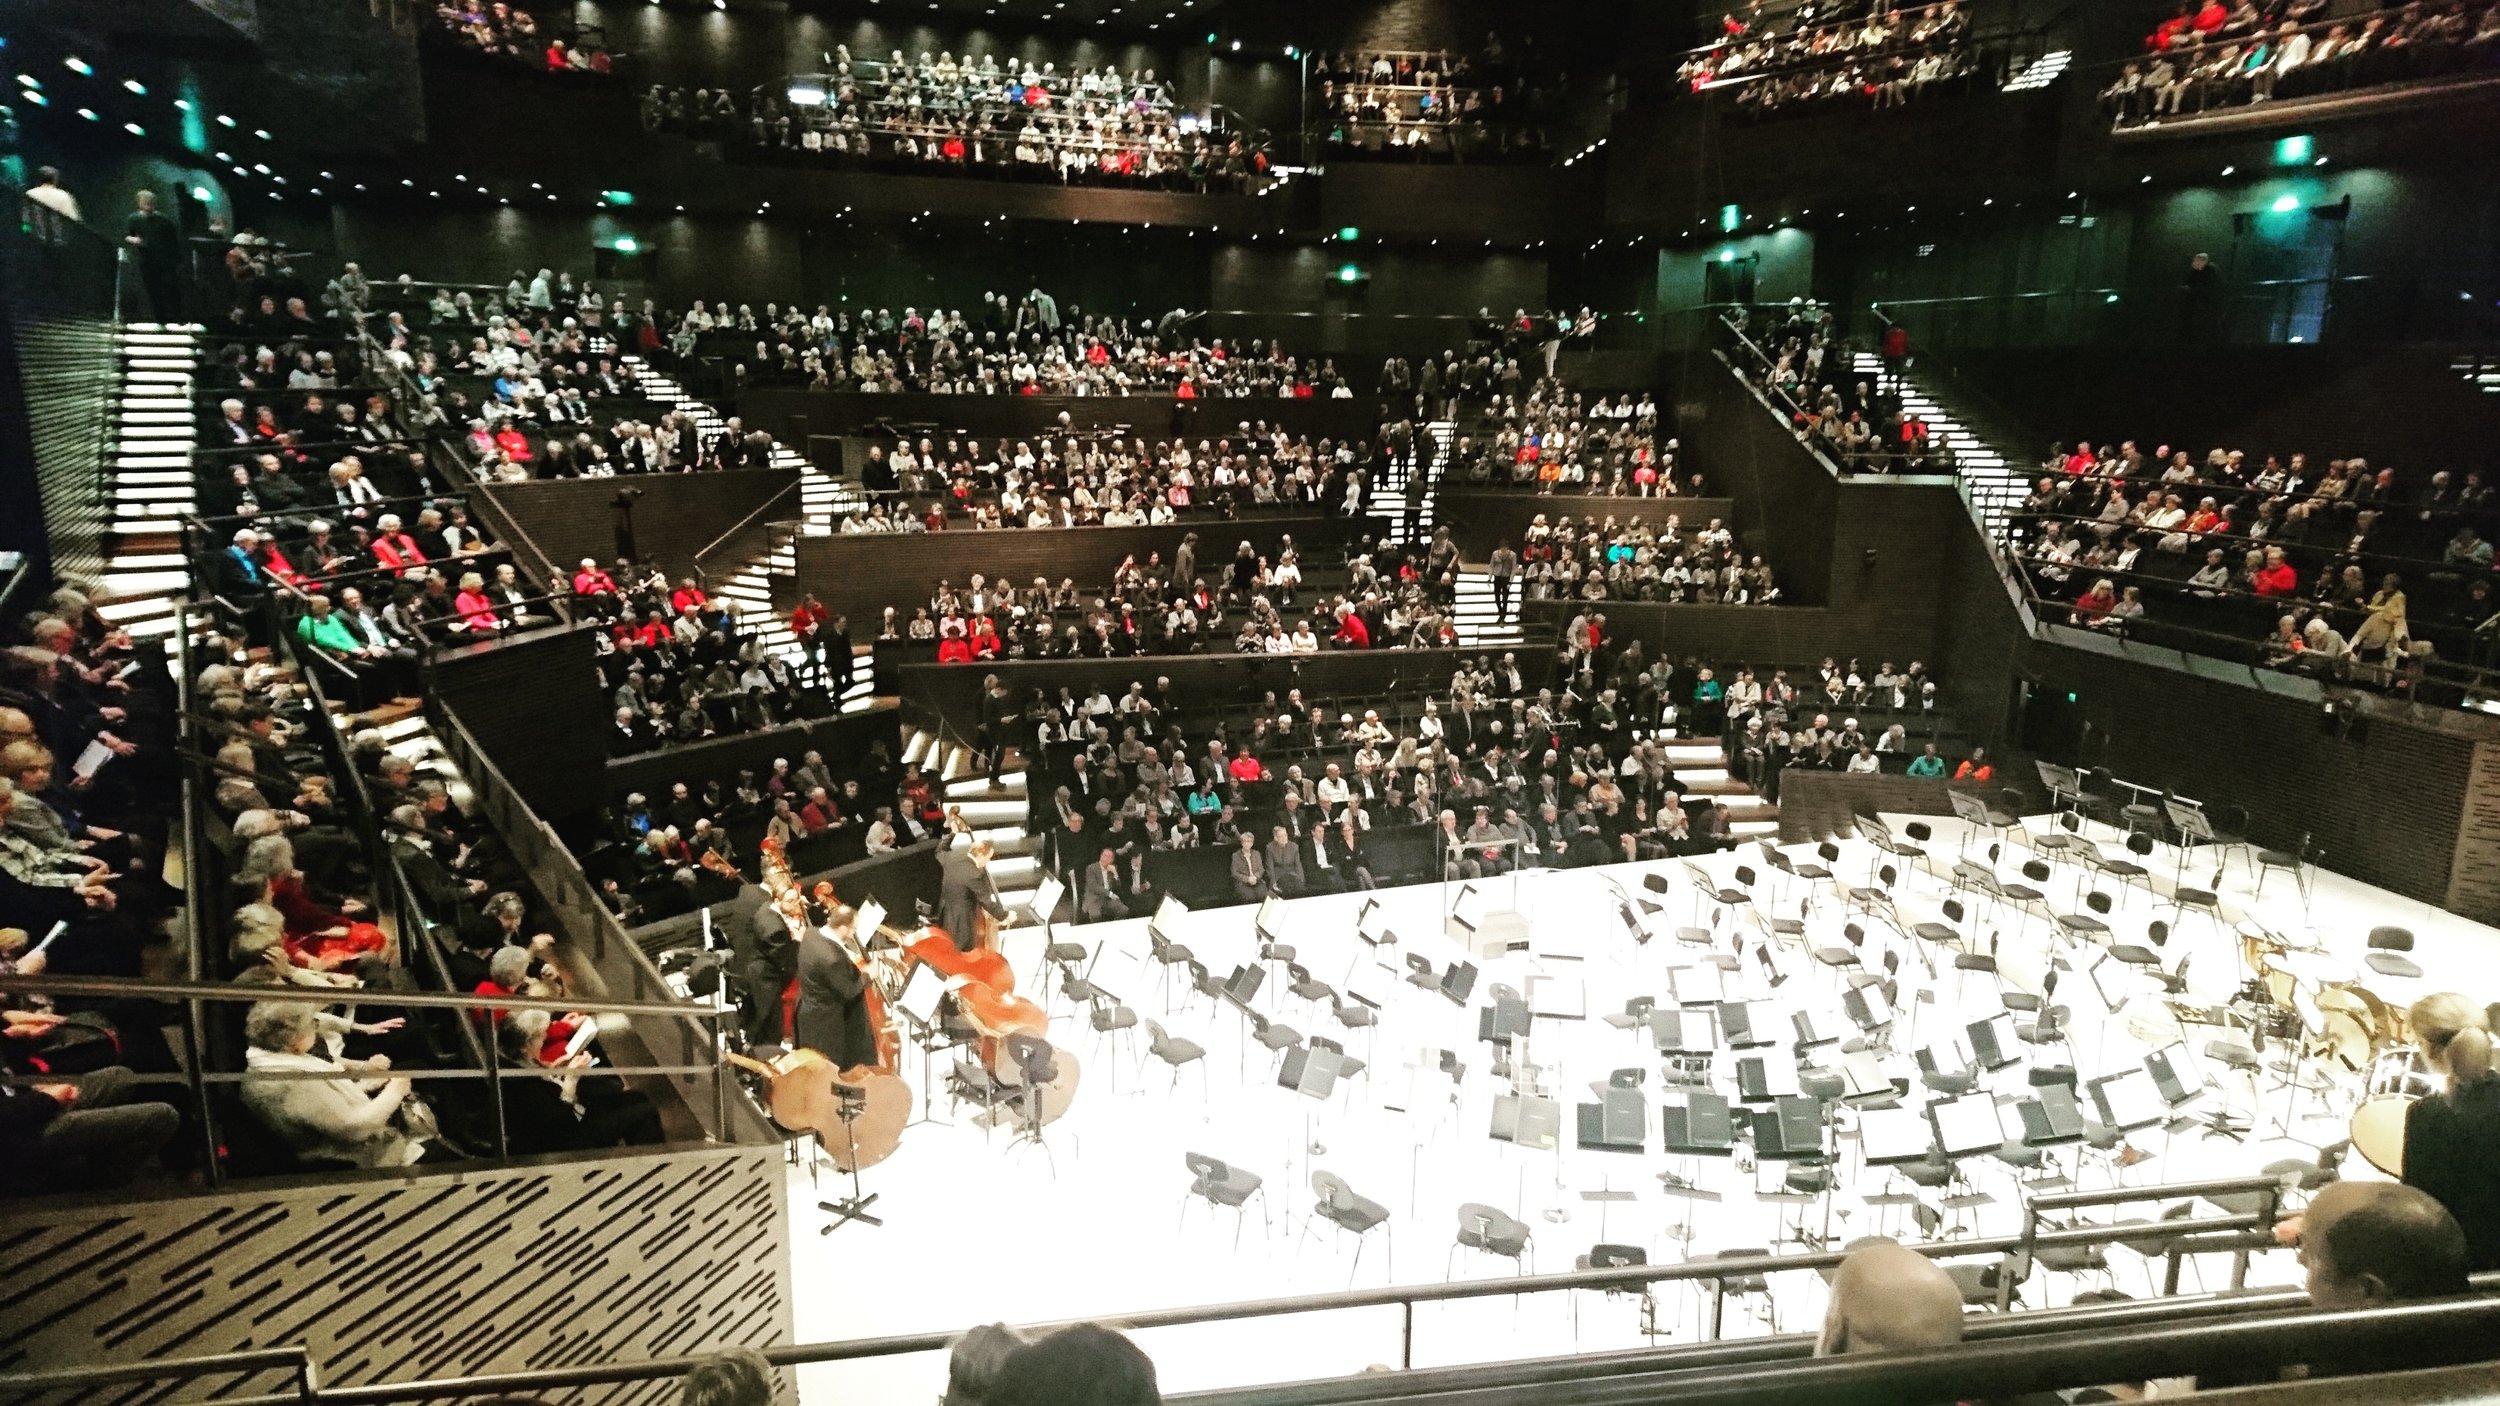 Istuin orkesterin takana. Siellä istuessani tuntuu, että olen osa soittajistoa, seuraan kapellimestaria ja kuulen aivan yhtä mainiosti - kiitos loistavan akustiikan.